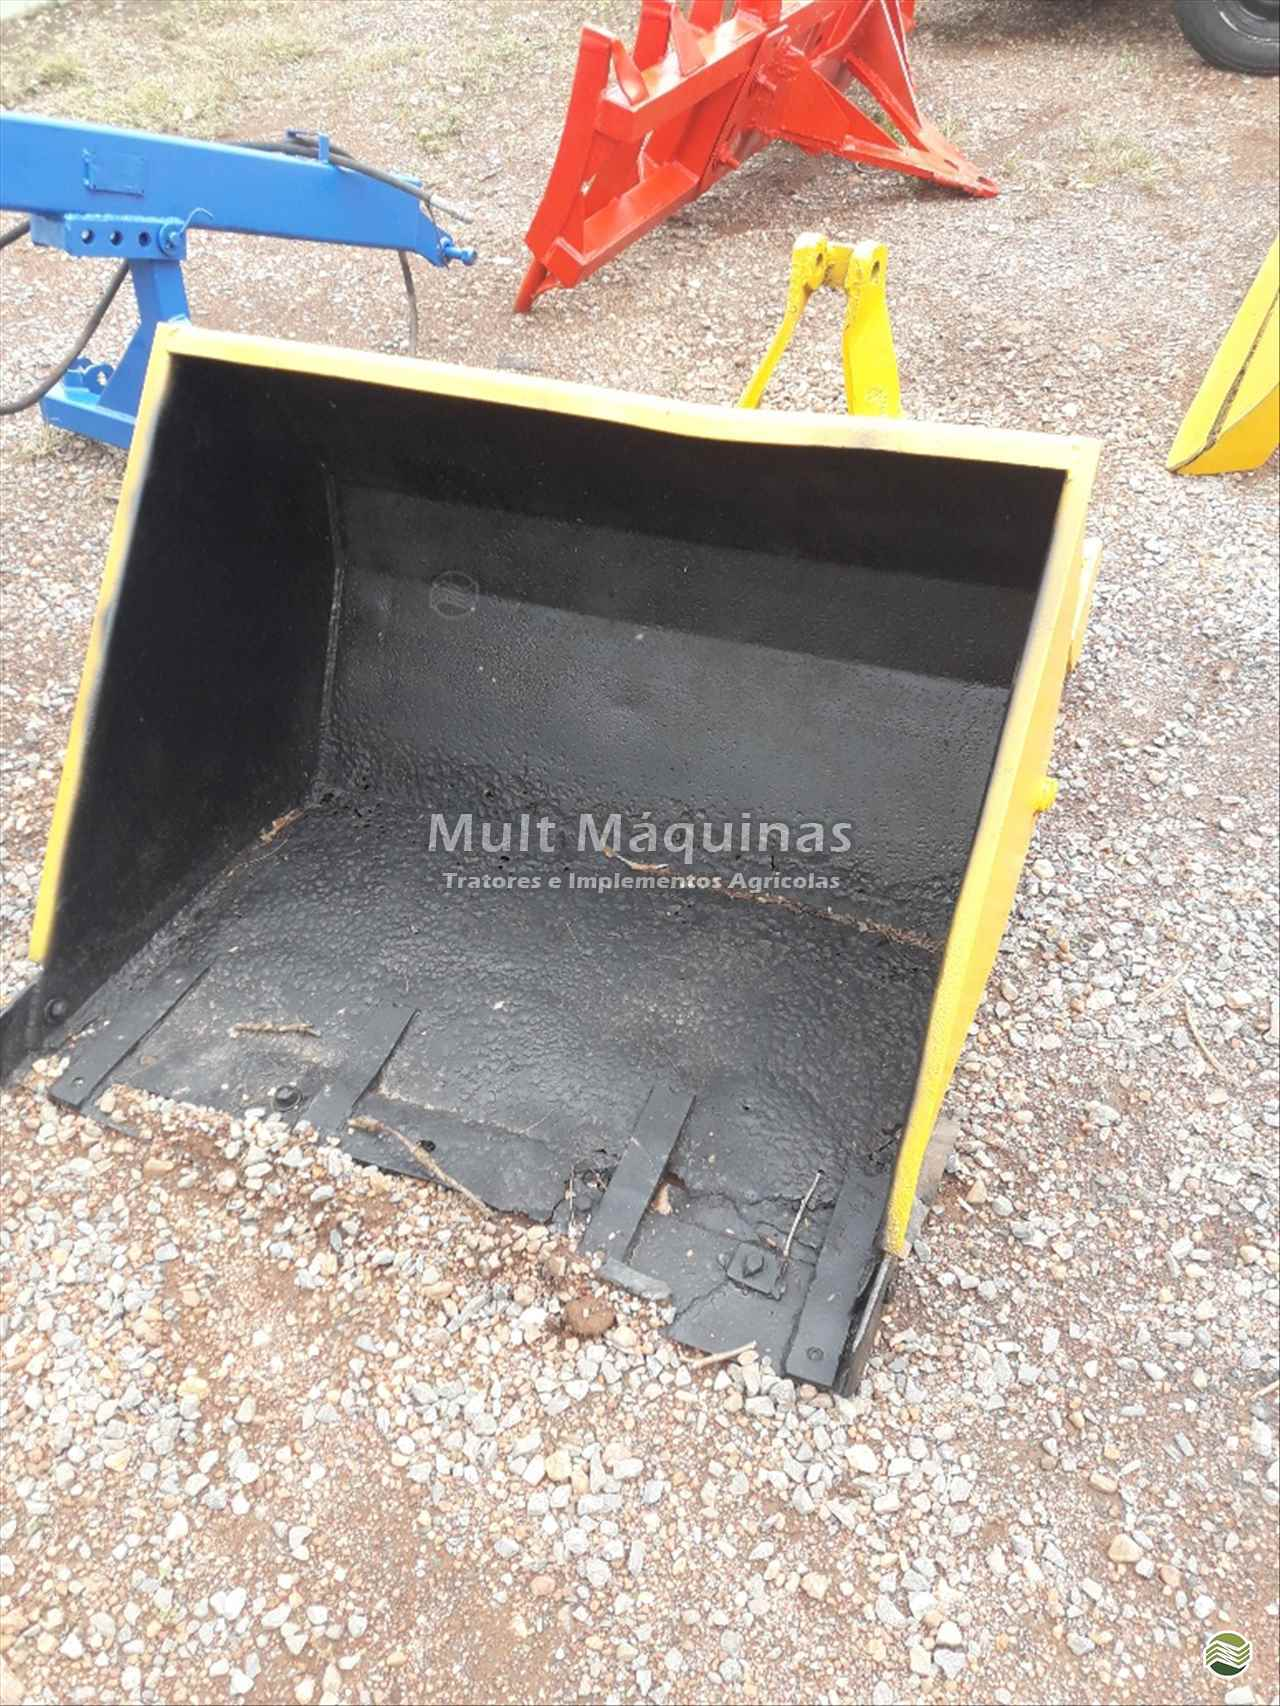 CONCHA HIDRÁULICA CONCHA TRASEIRA  2010 Mult Máquinas